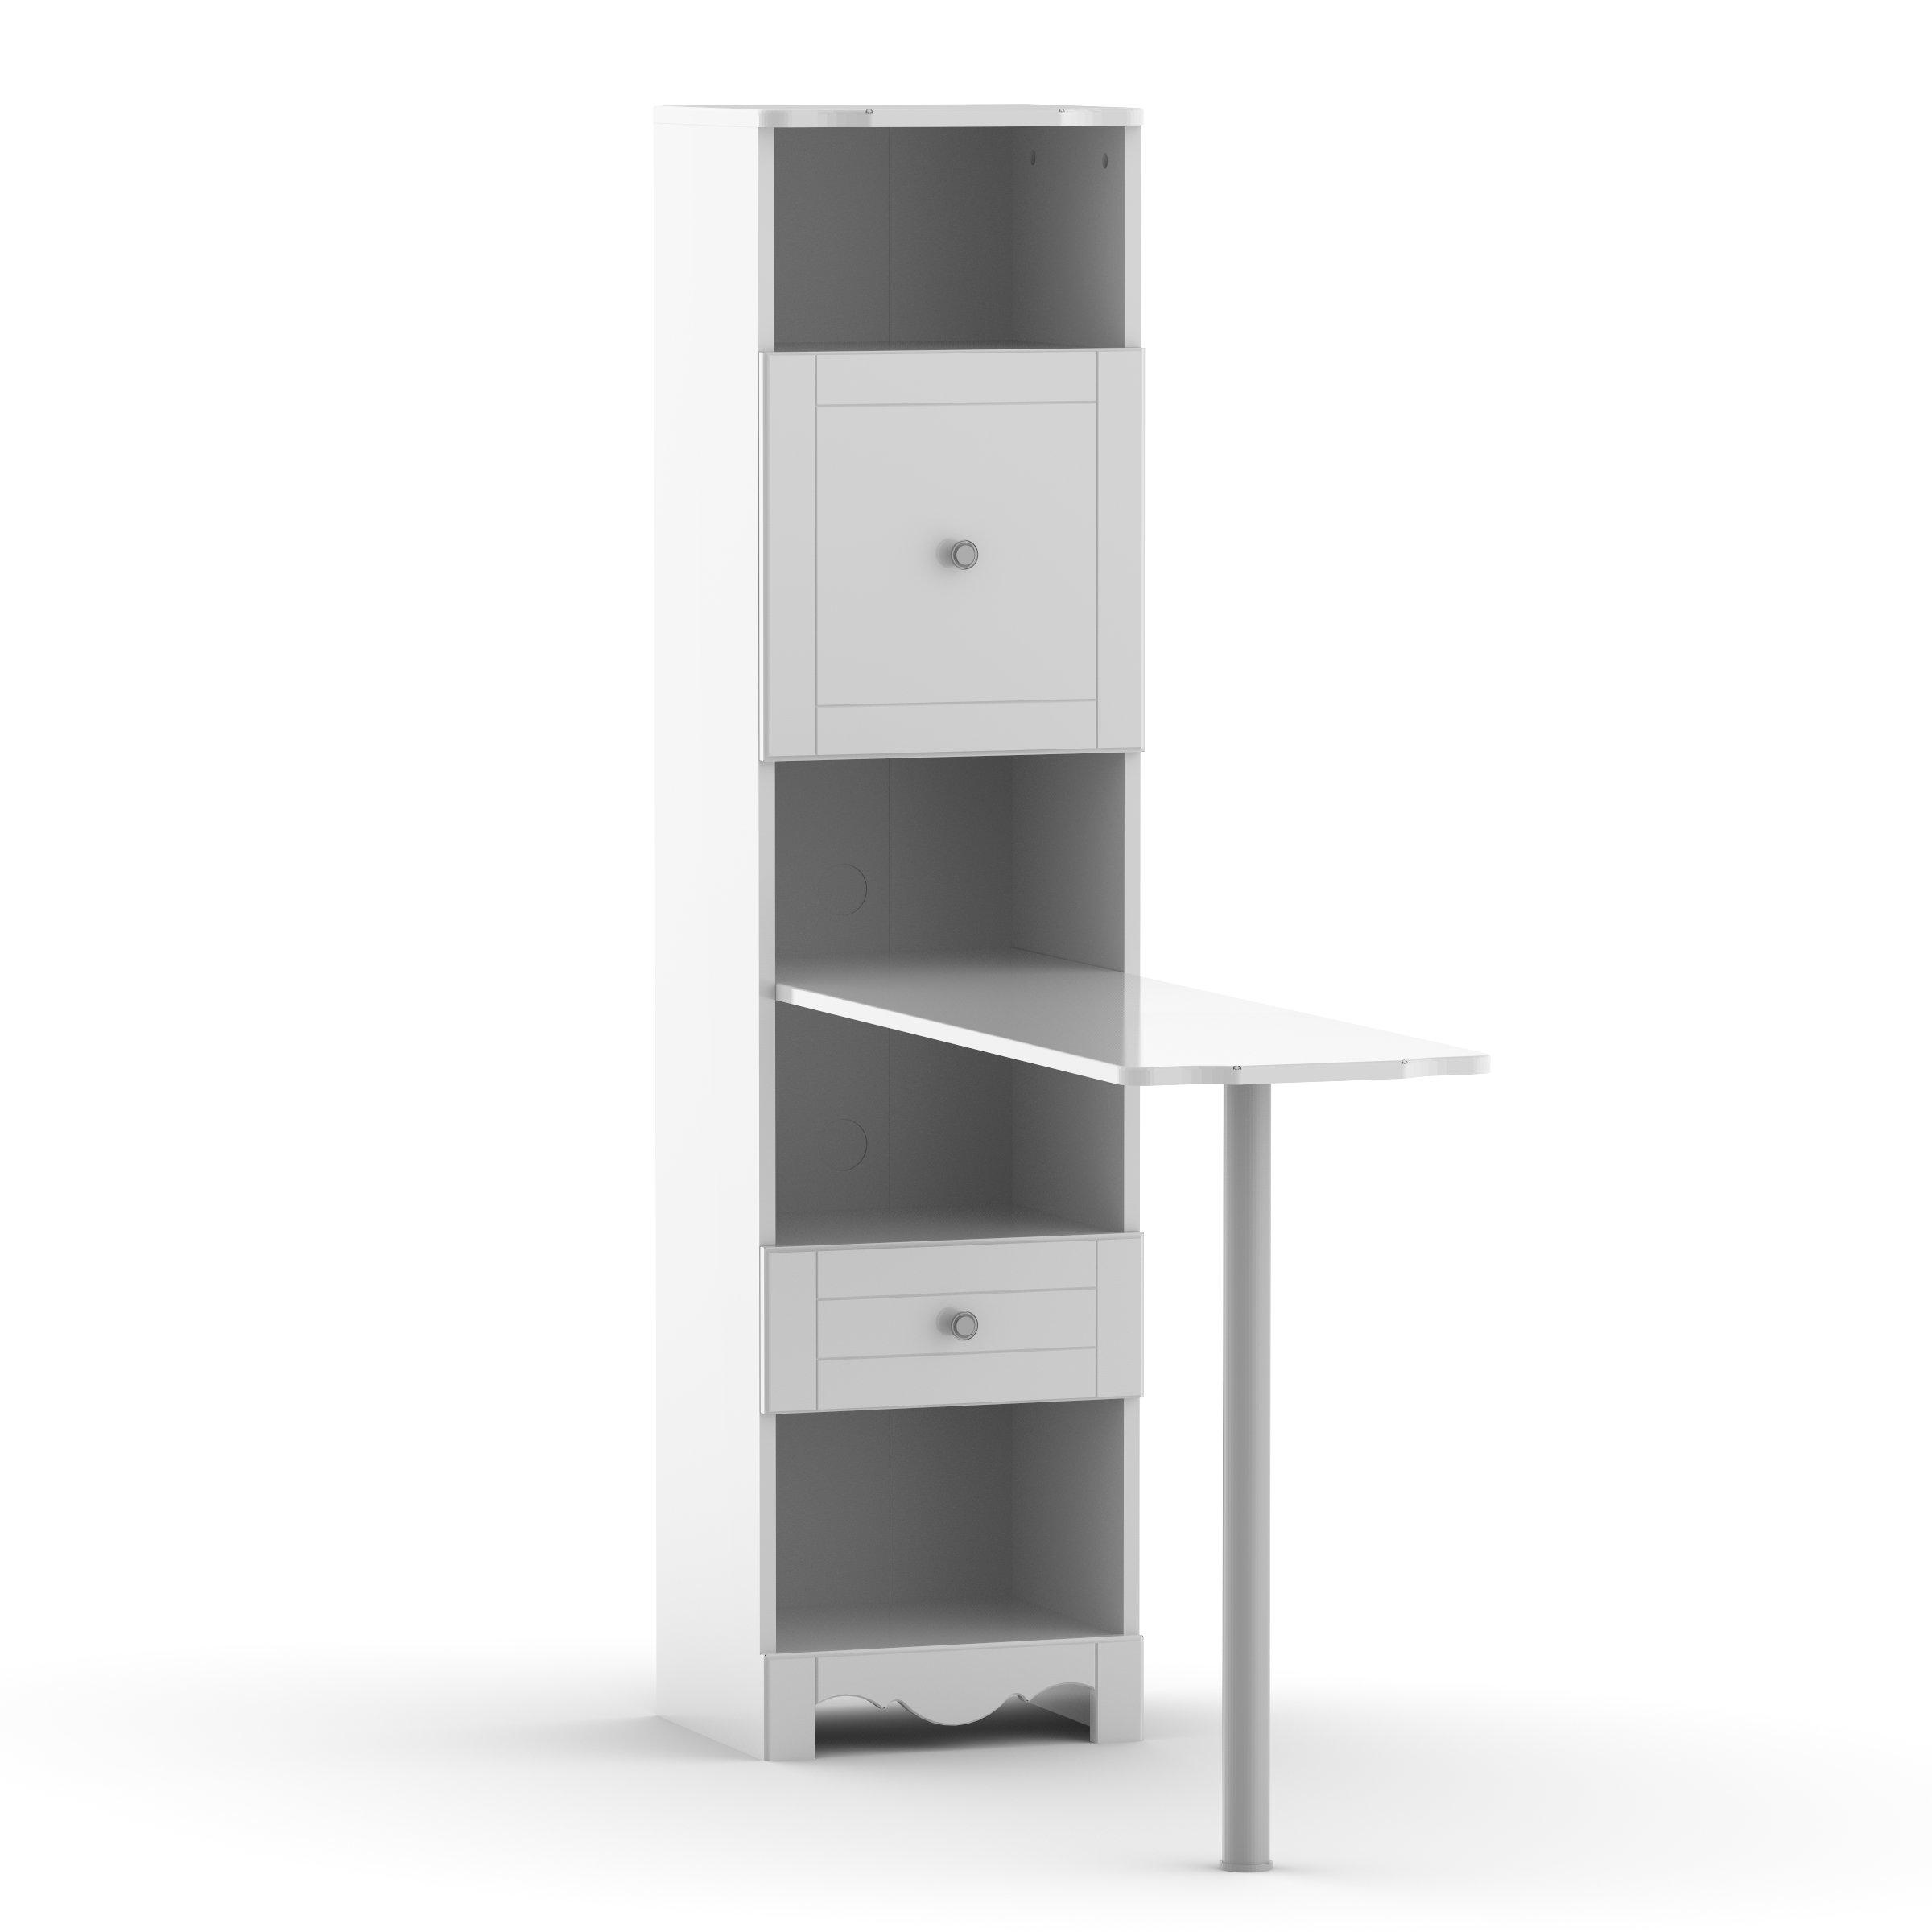 Pixel Bookcase Desk 311803 from Nexera, White by Nexera